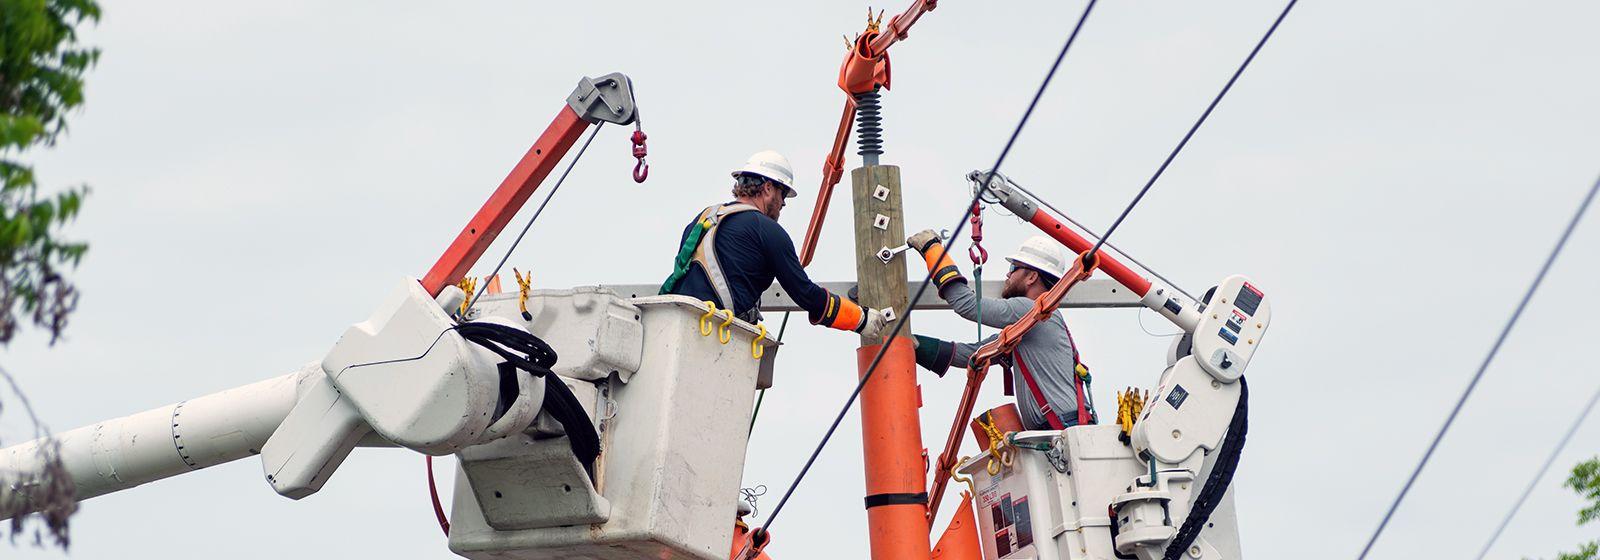 How Duke Energy is preparing for hurricane season